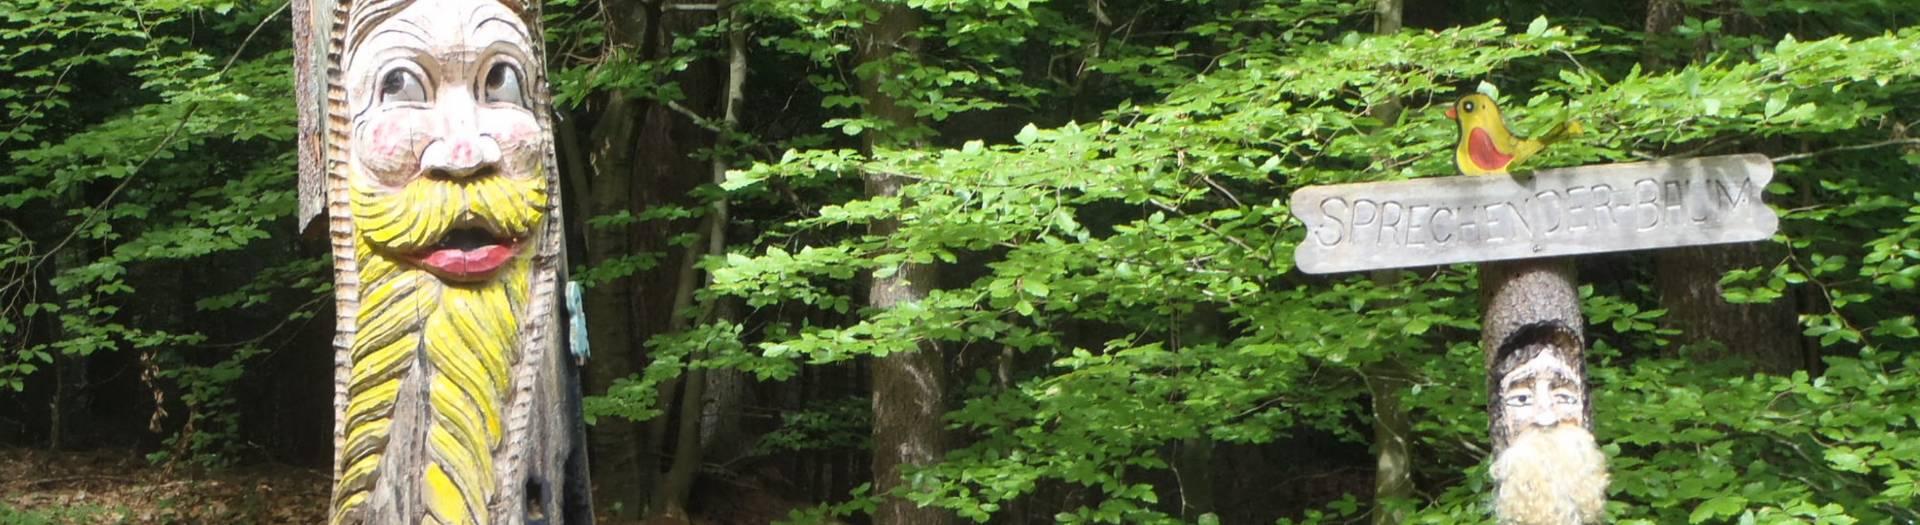 Zauberwald Rauschelesee